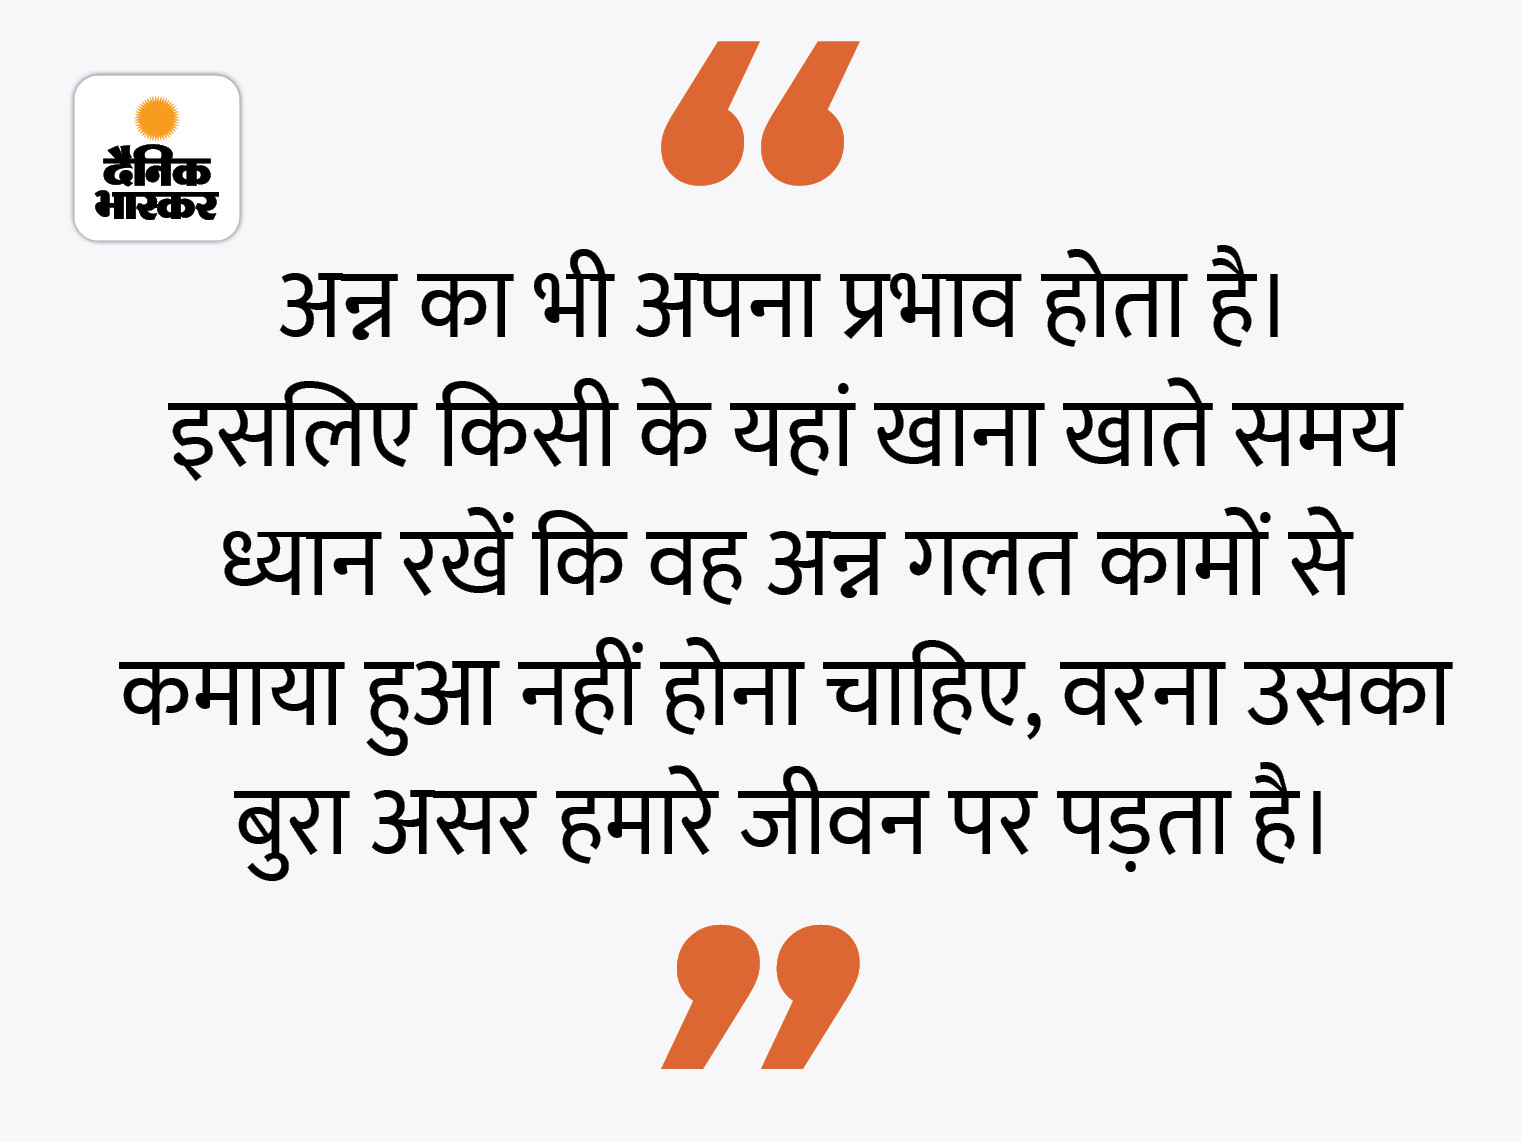 अधर्म से कमाया गया भोजन खाने से बचना चाहिए|धर्म,Dharm - Dainik Bhaskar